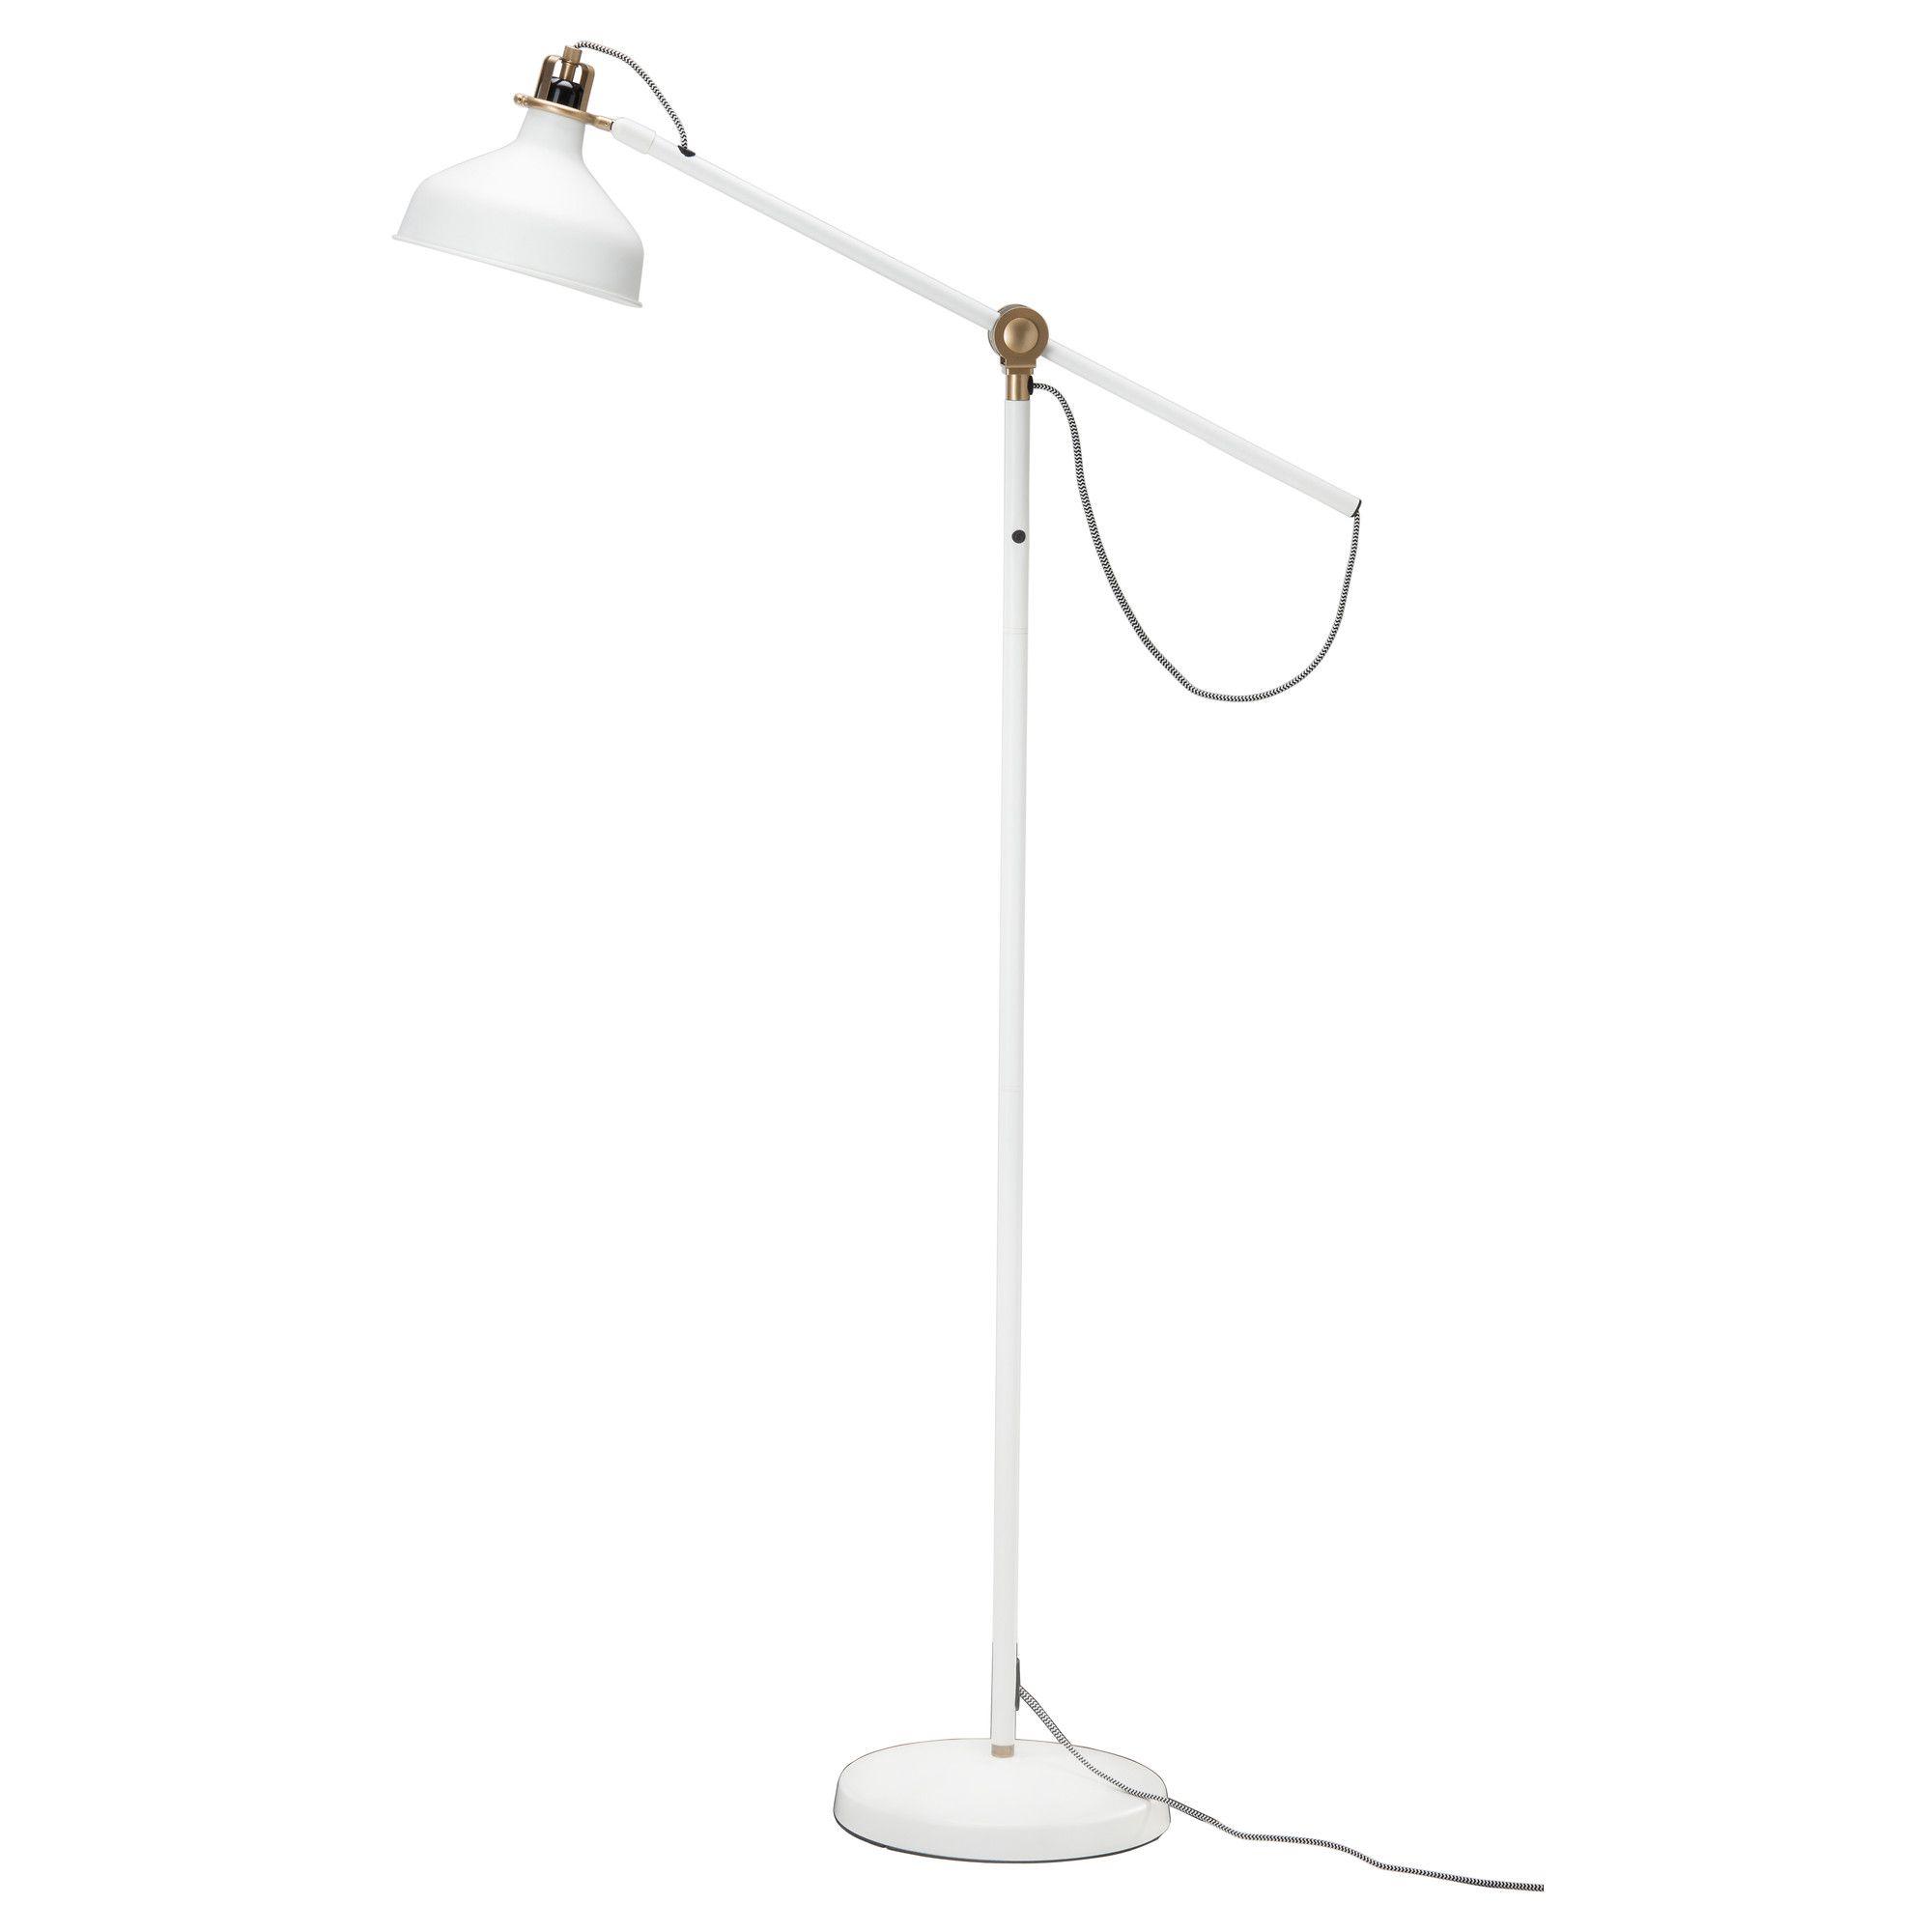 Full Size of Stehlampen Ikea Dimmbar Wohnzimmer Led Stehlampe Lampenschirm Lampe Schirm Dimmen Papier Moderne Schweiz Wien Lampen Ranarp Stand Leseleuchte Elfenbeinwei Wohnzimmer Stehlampen Ikea